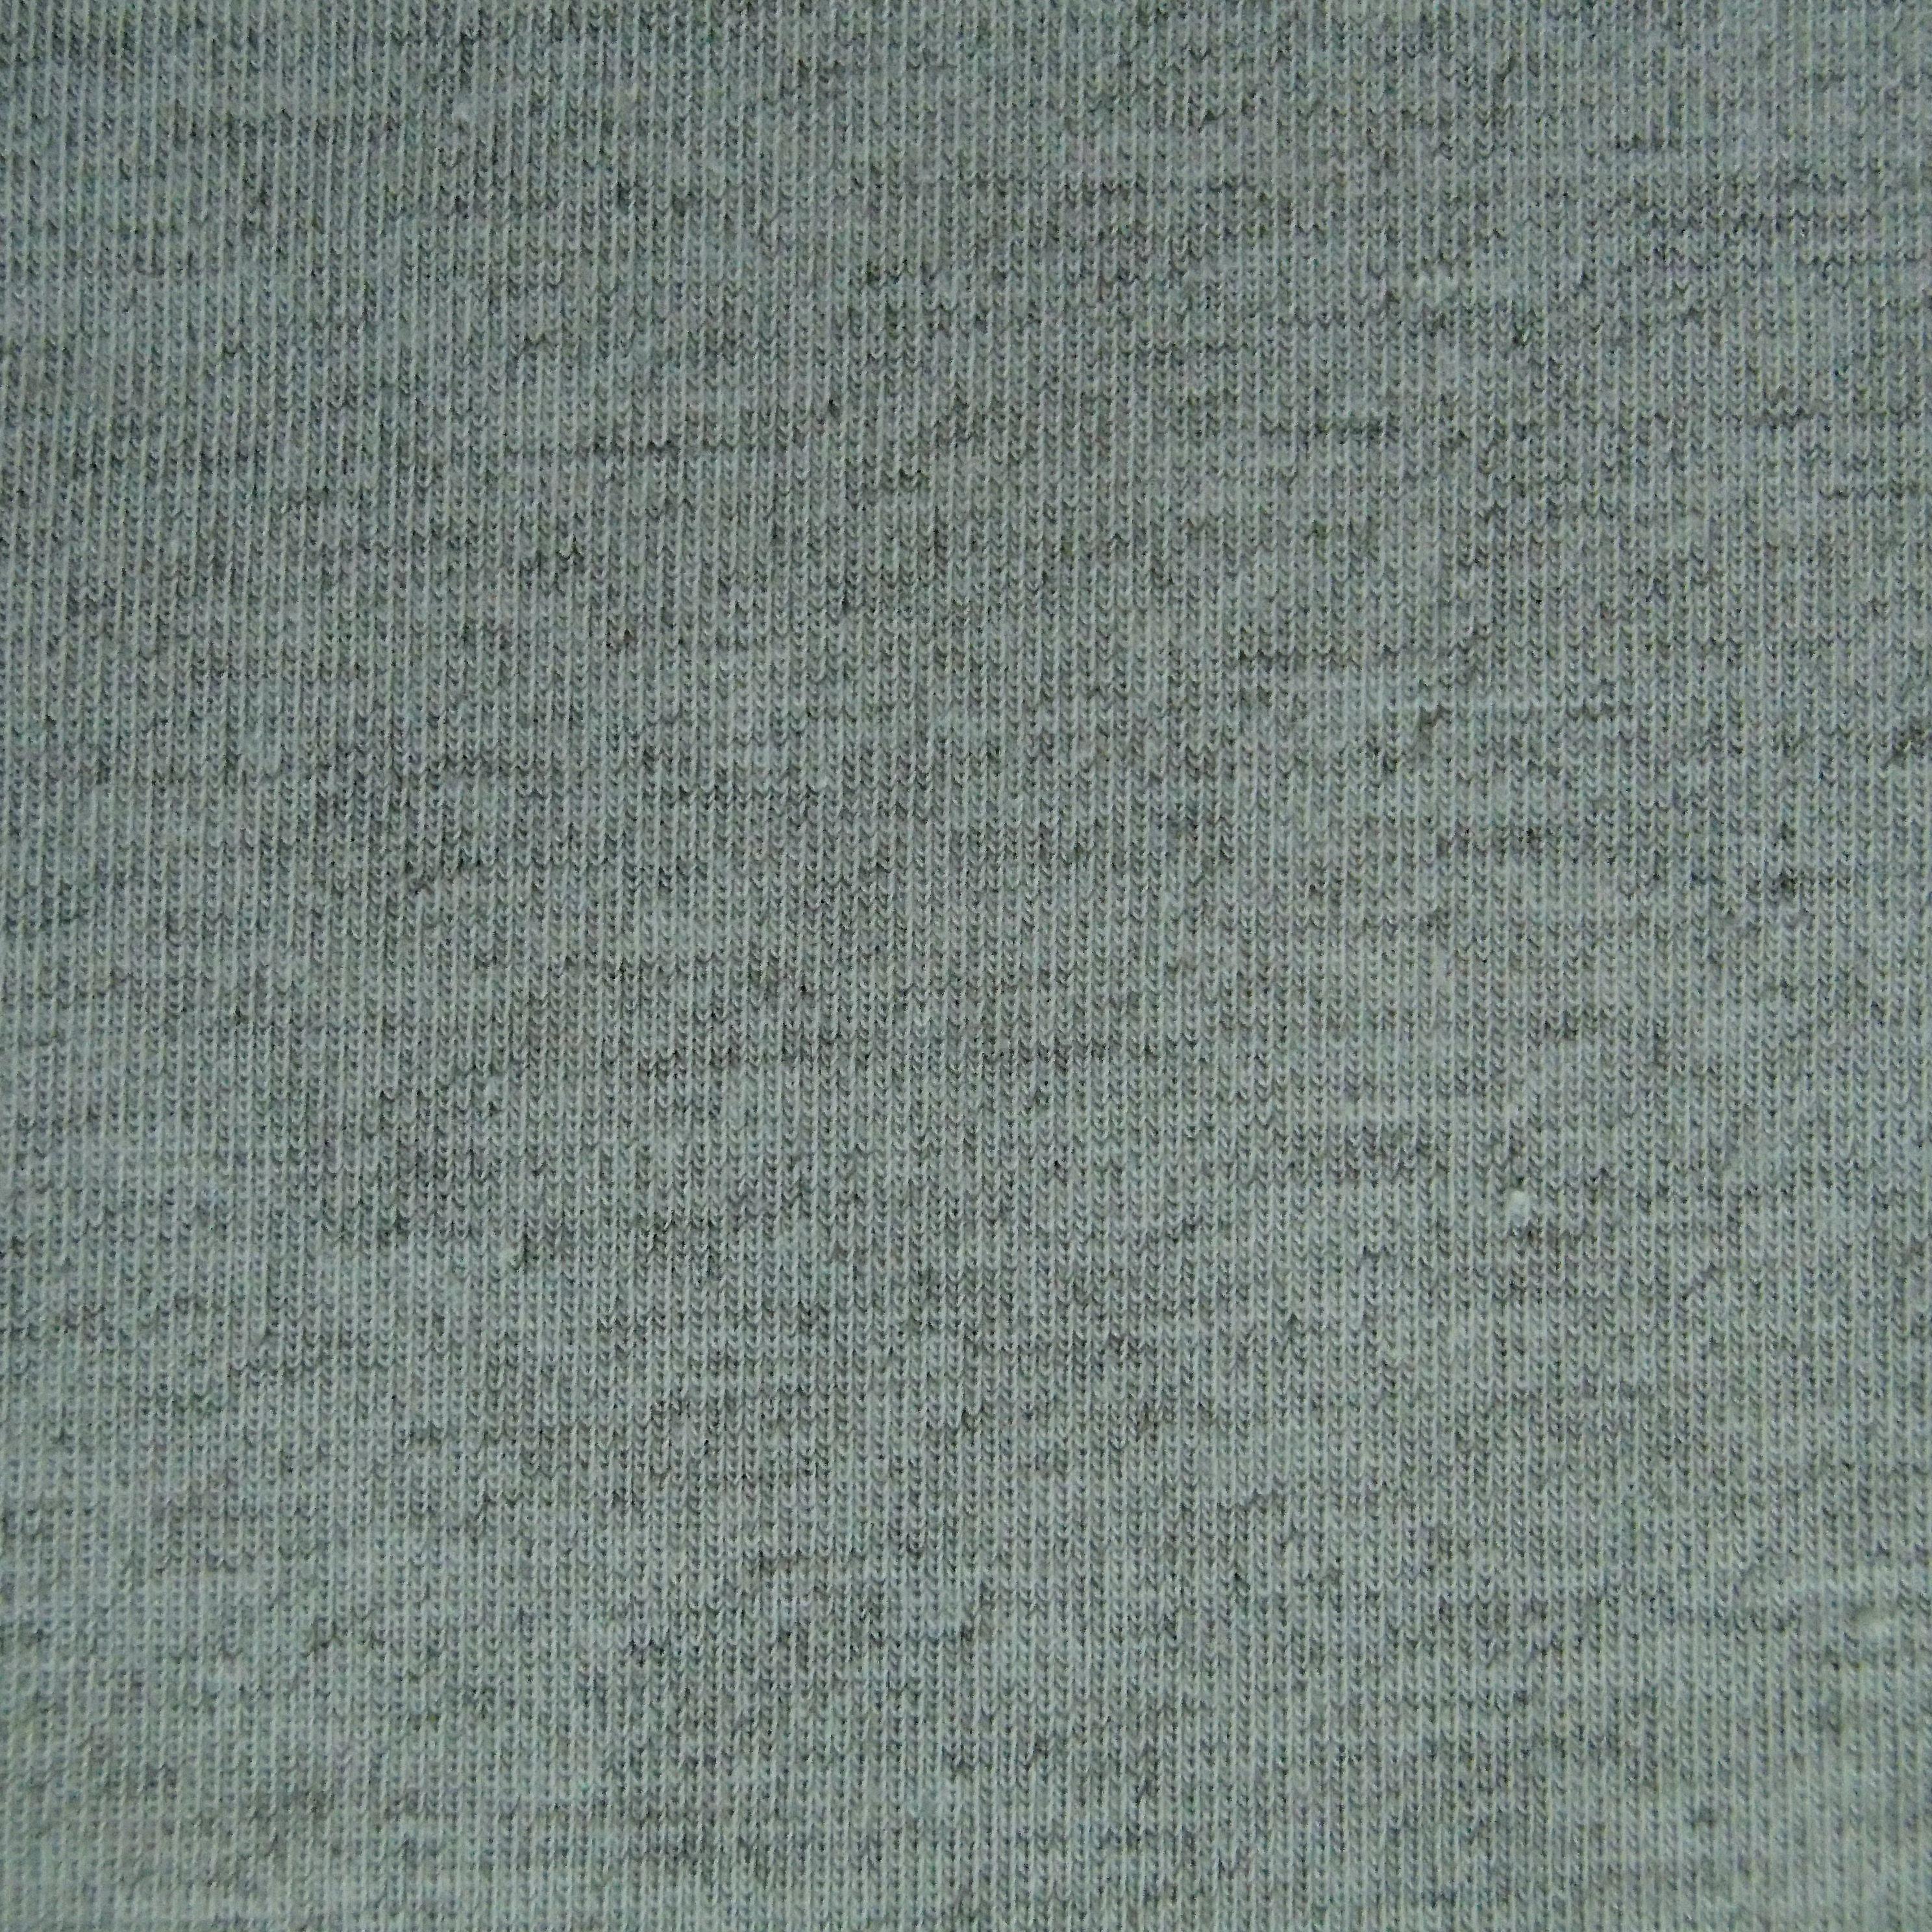 Fabric #7